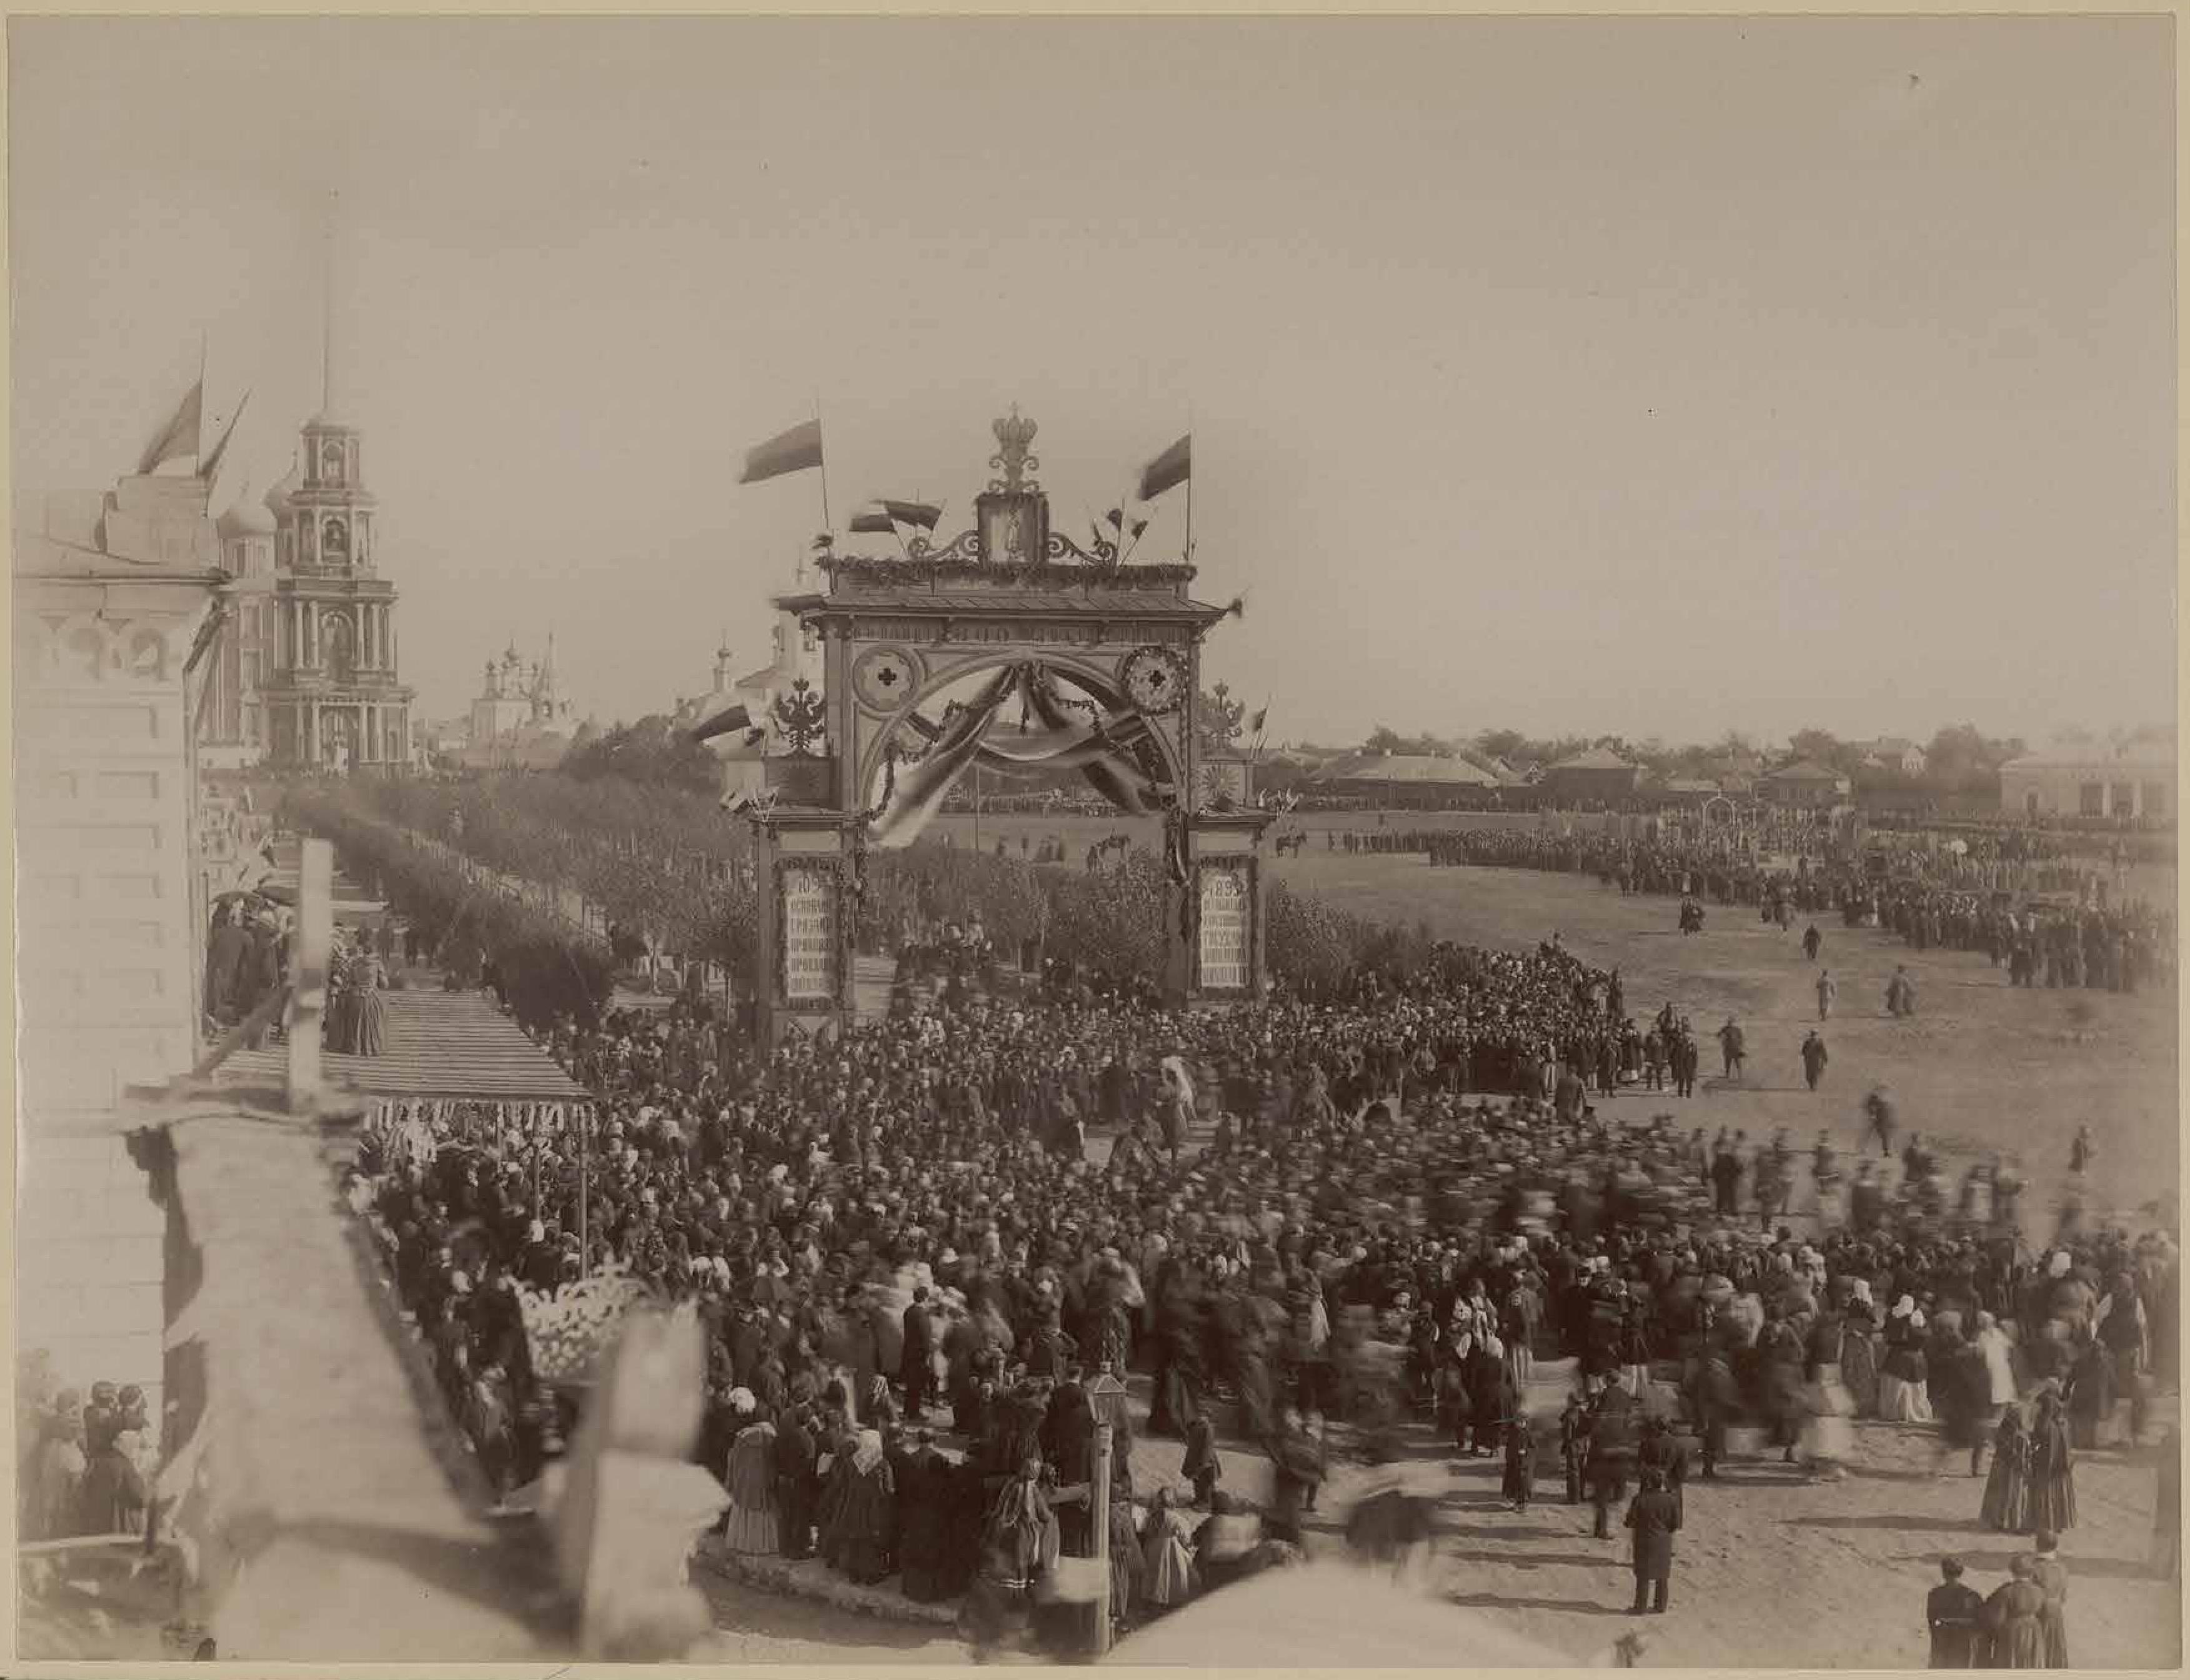 Празднование 800-летия города 21 сентября 1895. Деревянная триумфальная арка